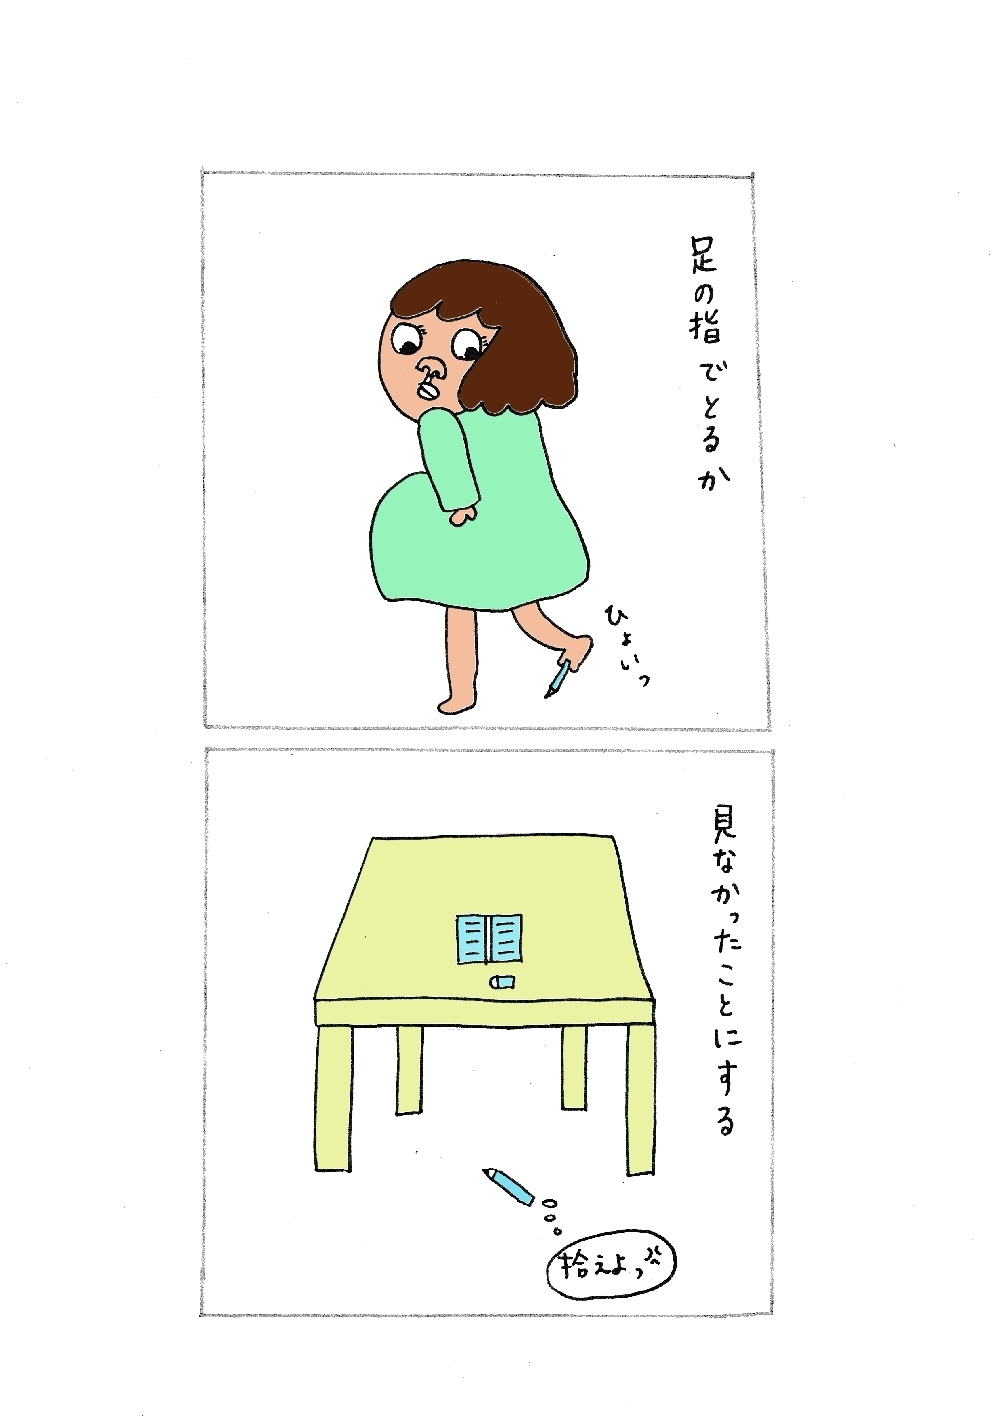 ぐうたら妊婦②.jpg